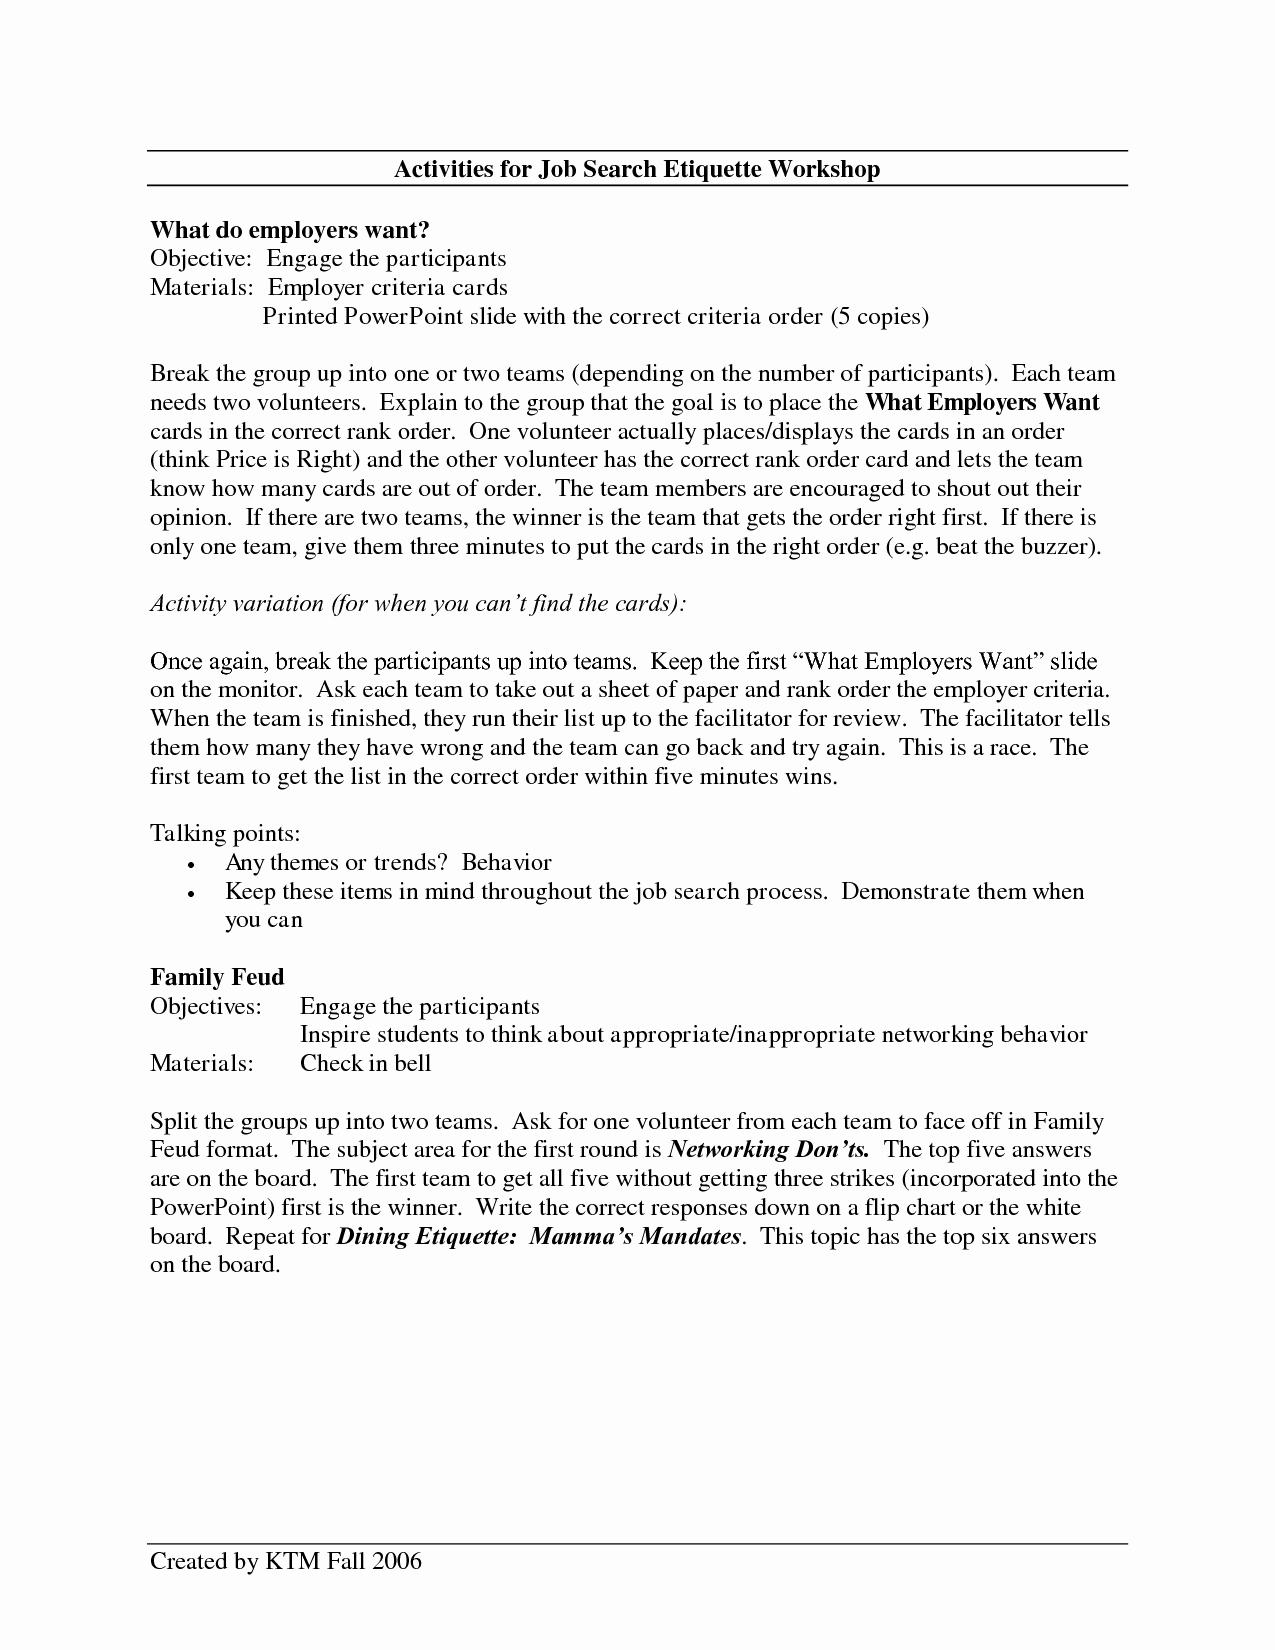 resume cover letter for job fair